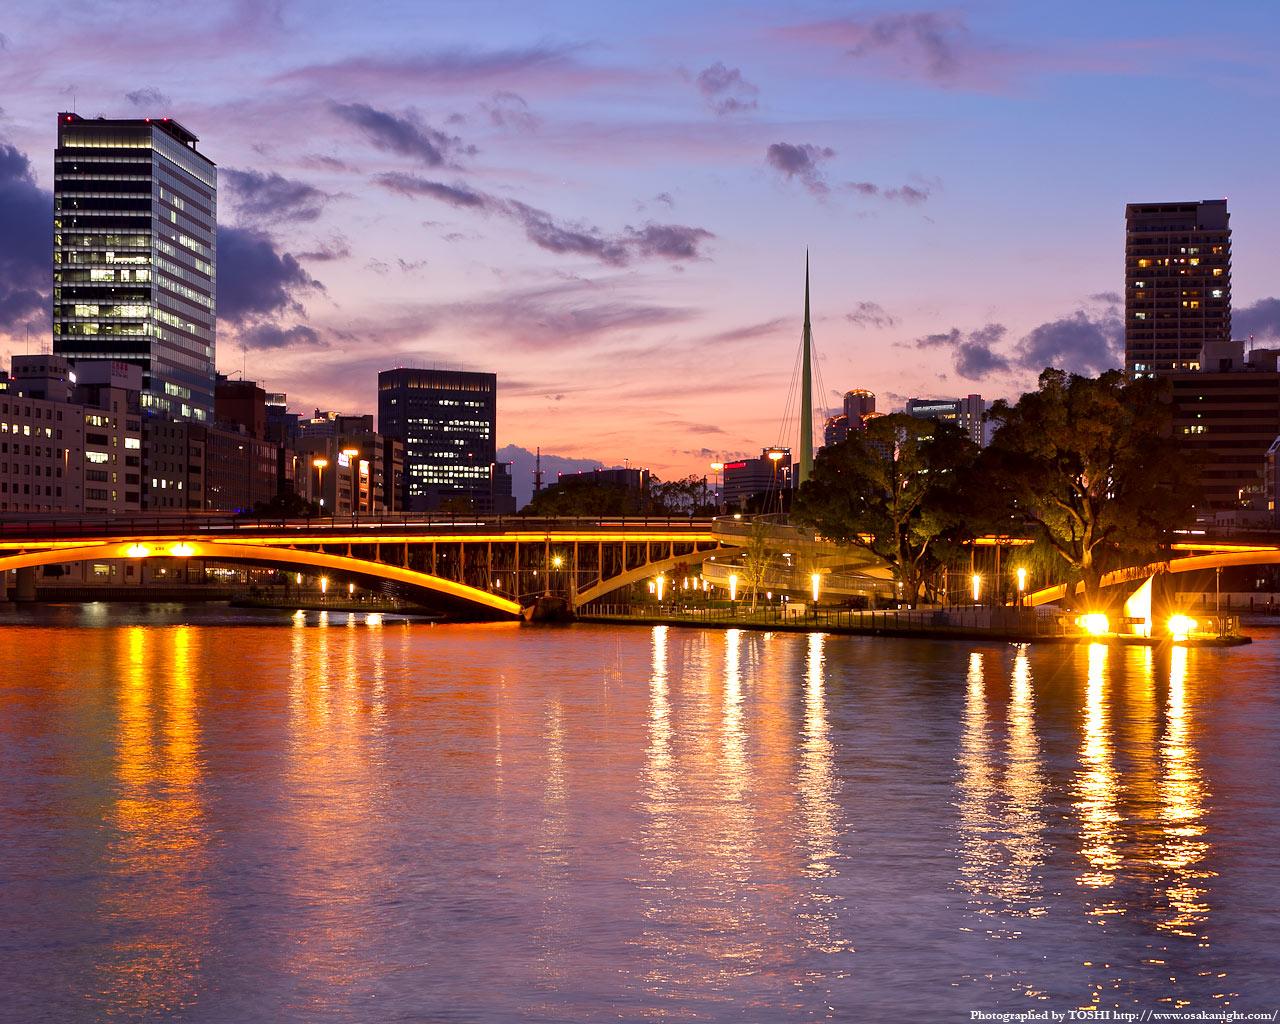 天神橋のライトアップ夕景2